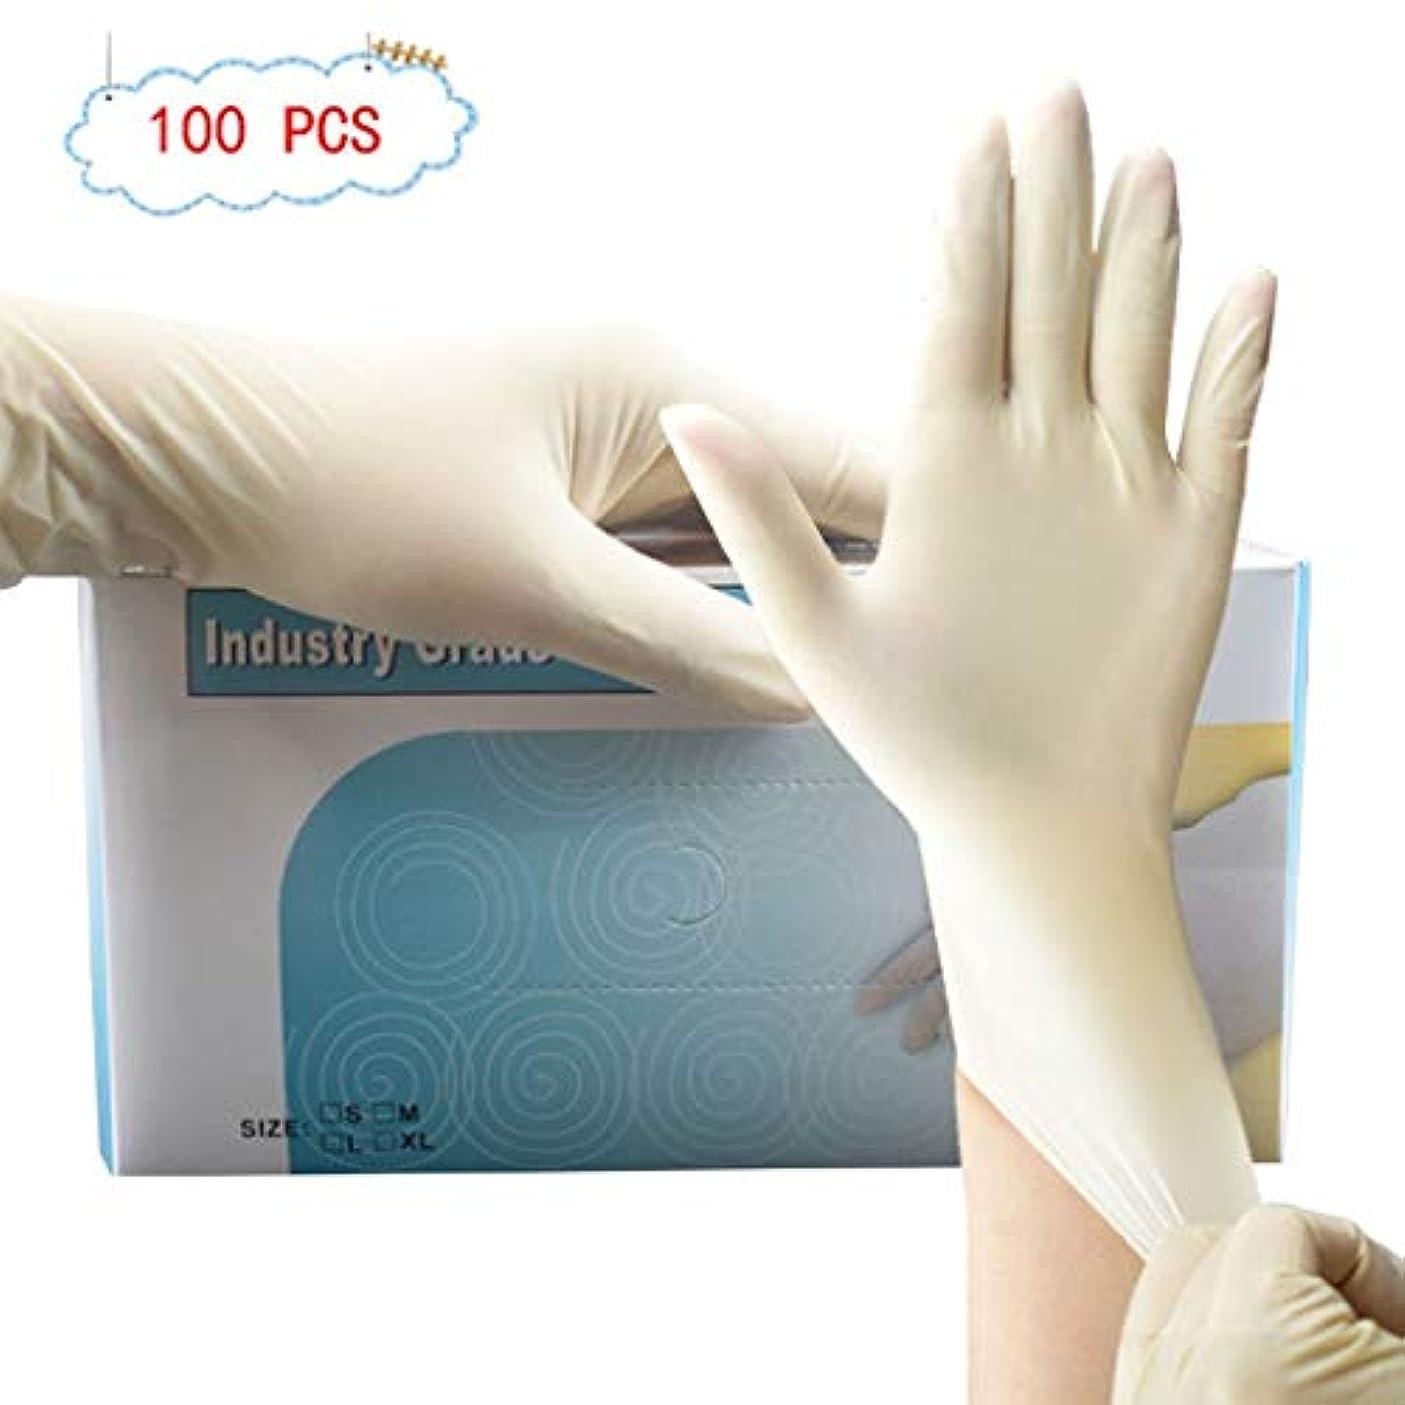 ブリッジパドル不明瞭使い捨て外科太いラテックス手袋パウダーフリーダストフリーゴム手袋手袋デューティ検査用手袋 病院のための専門の等級 (Color : 9 inch, Size : L)